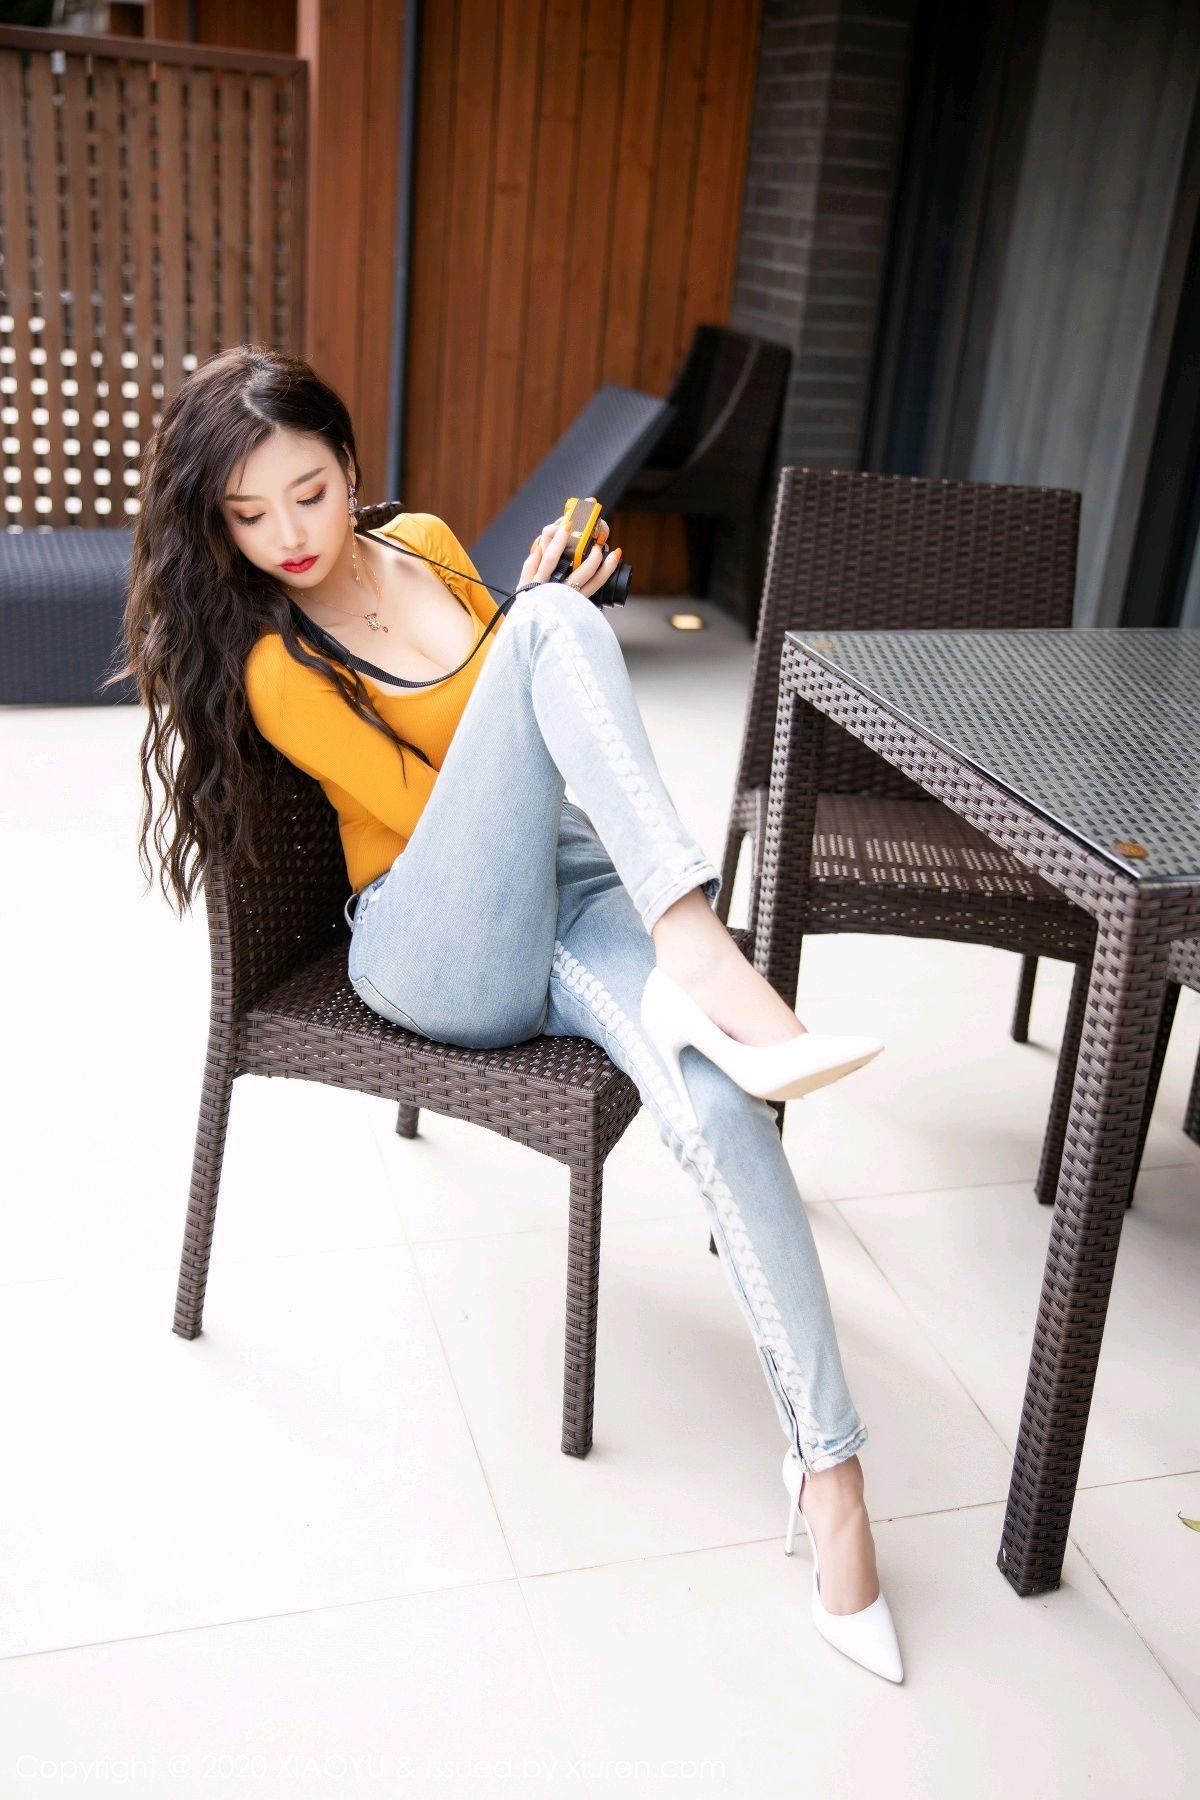 [XiaoYu] Vol.228 Yang Chen Chen 11P, XiaoYu, Yang Chen Chen